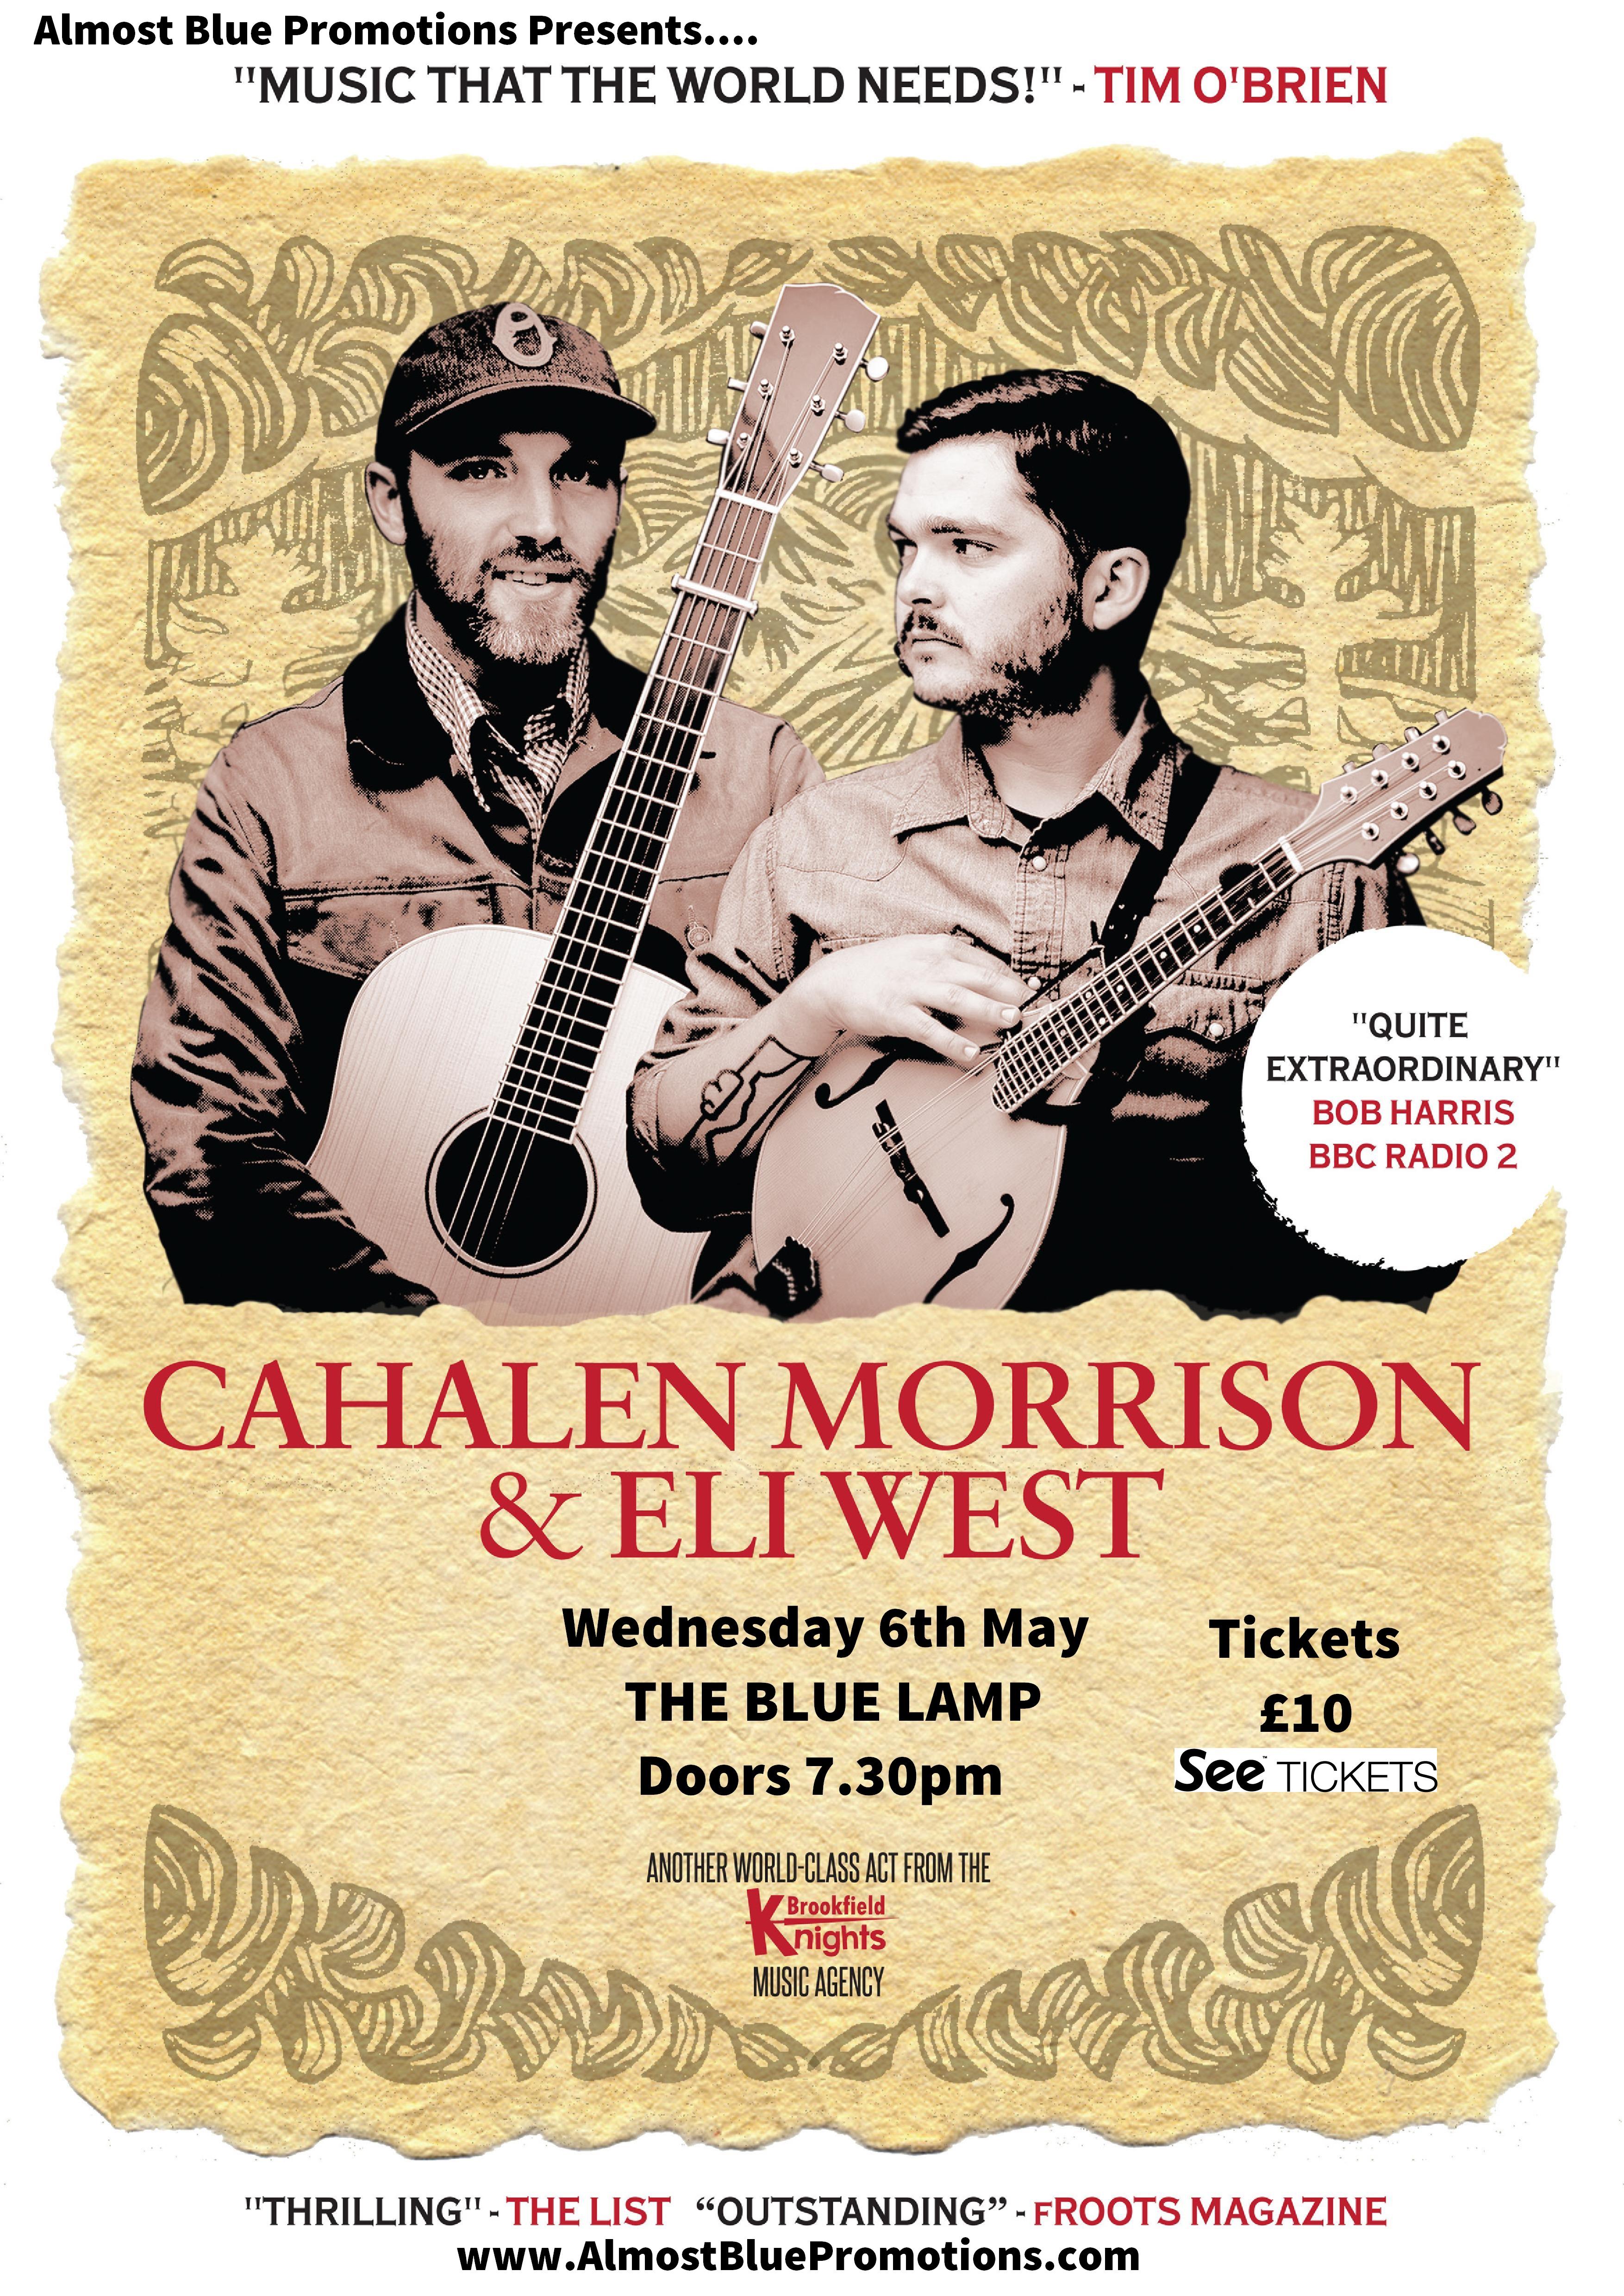 Cahalen Morrison & Eli West